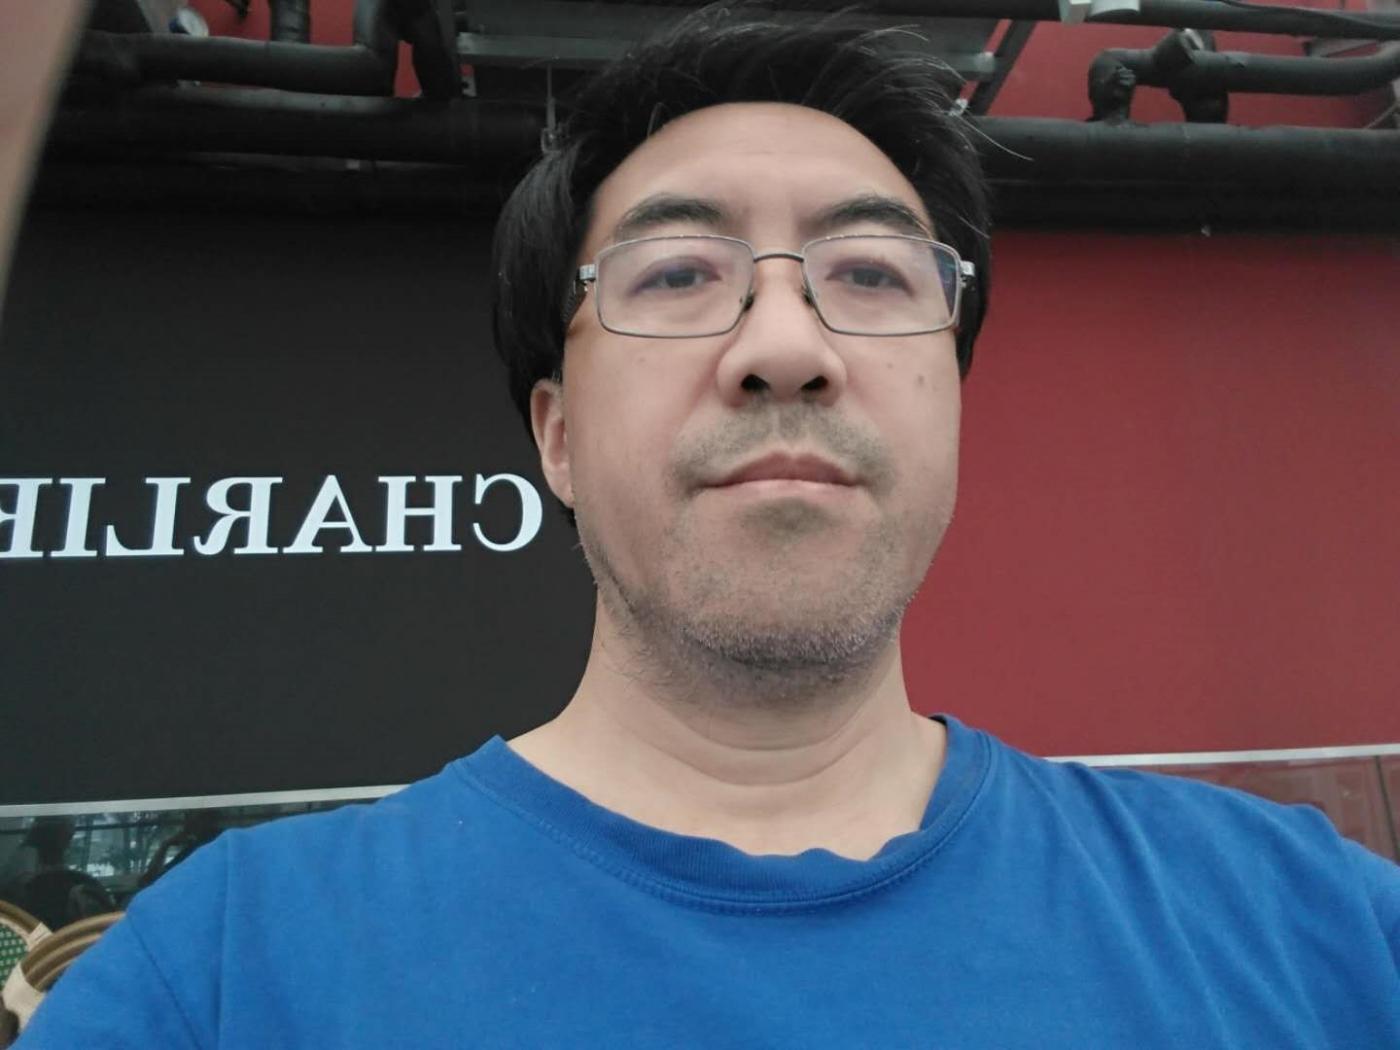 上海余德耀美术馆_图1-4